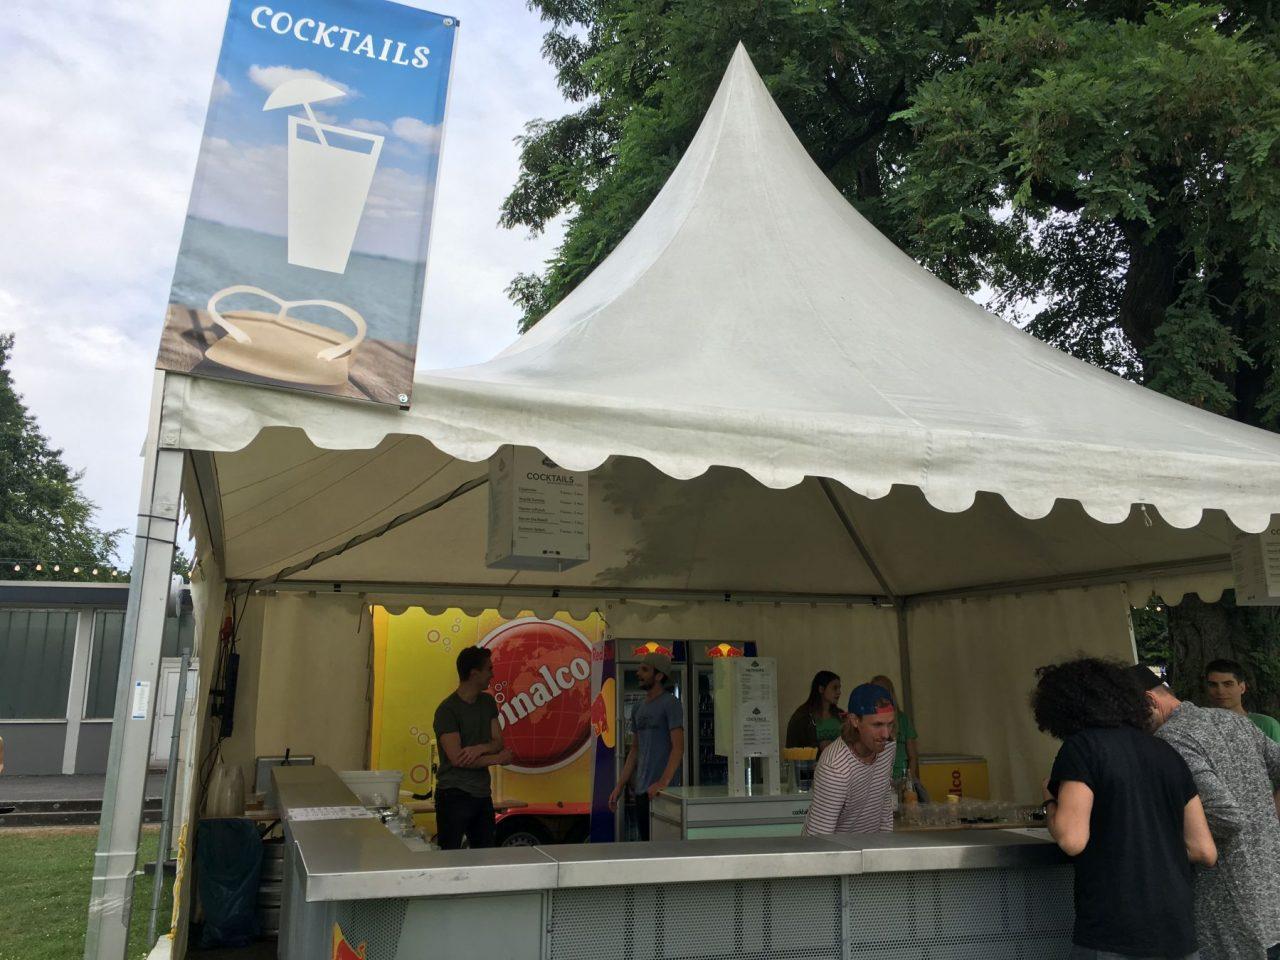 cocktail-box-und-Wasserski-Anlage-Wedau-1